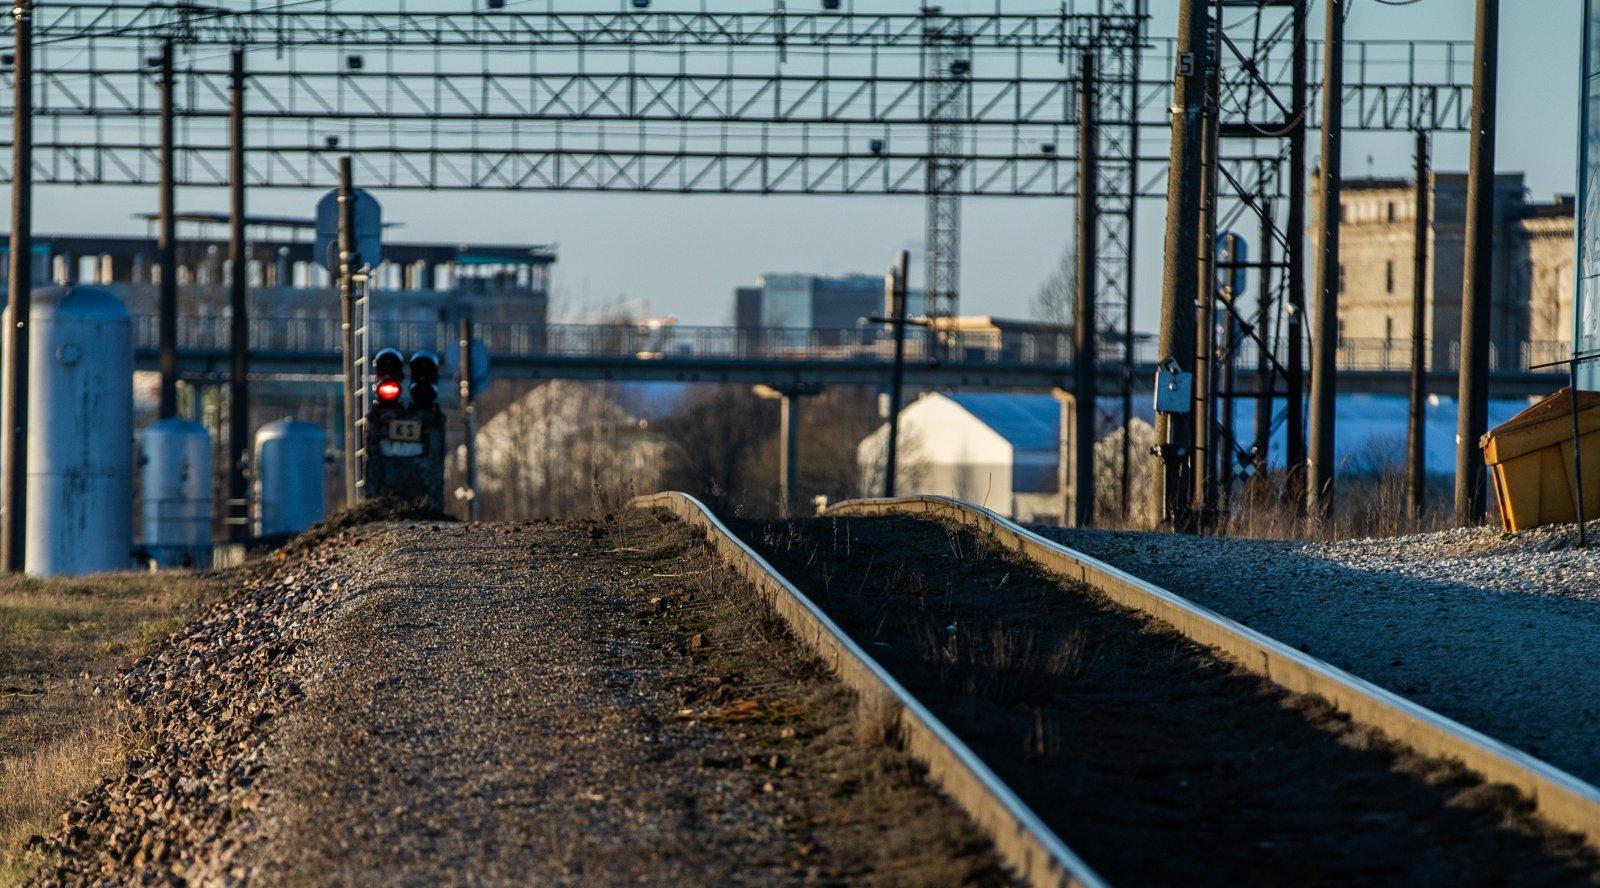 Eesti Raudtee kasutab 2021. aastast vaid rohelist energiat: